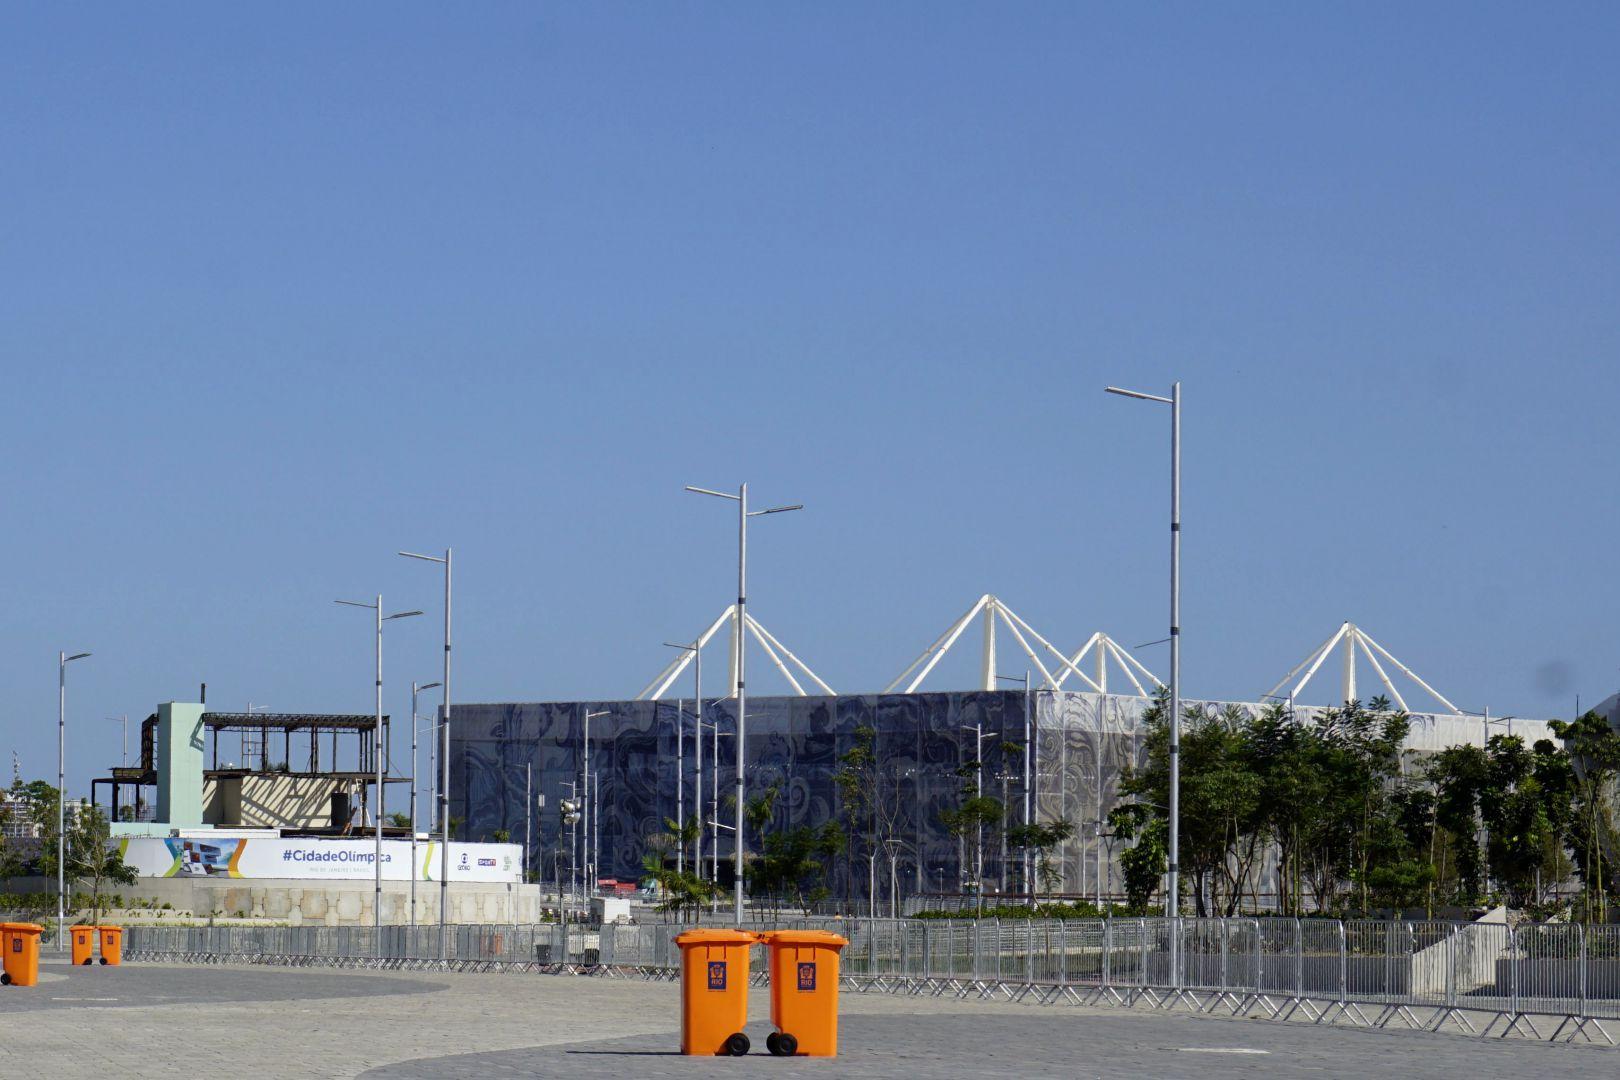 Rio de Janeiro Aquatic Stadium